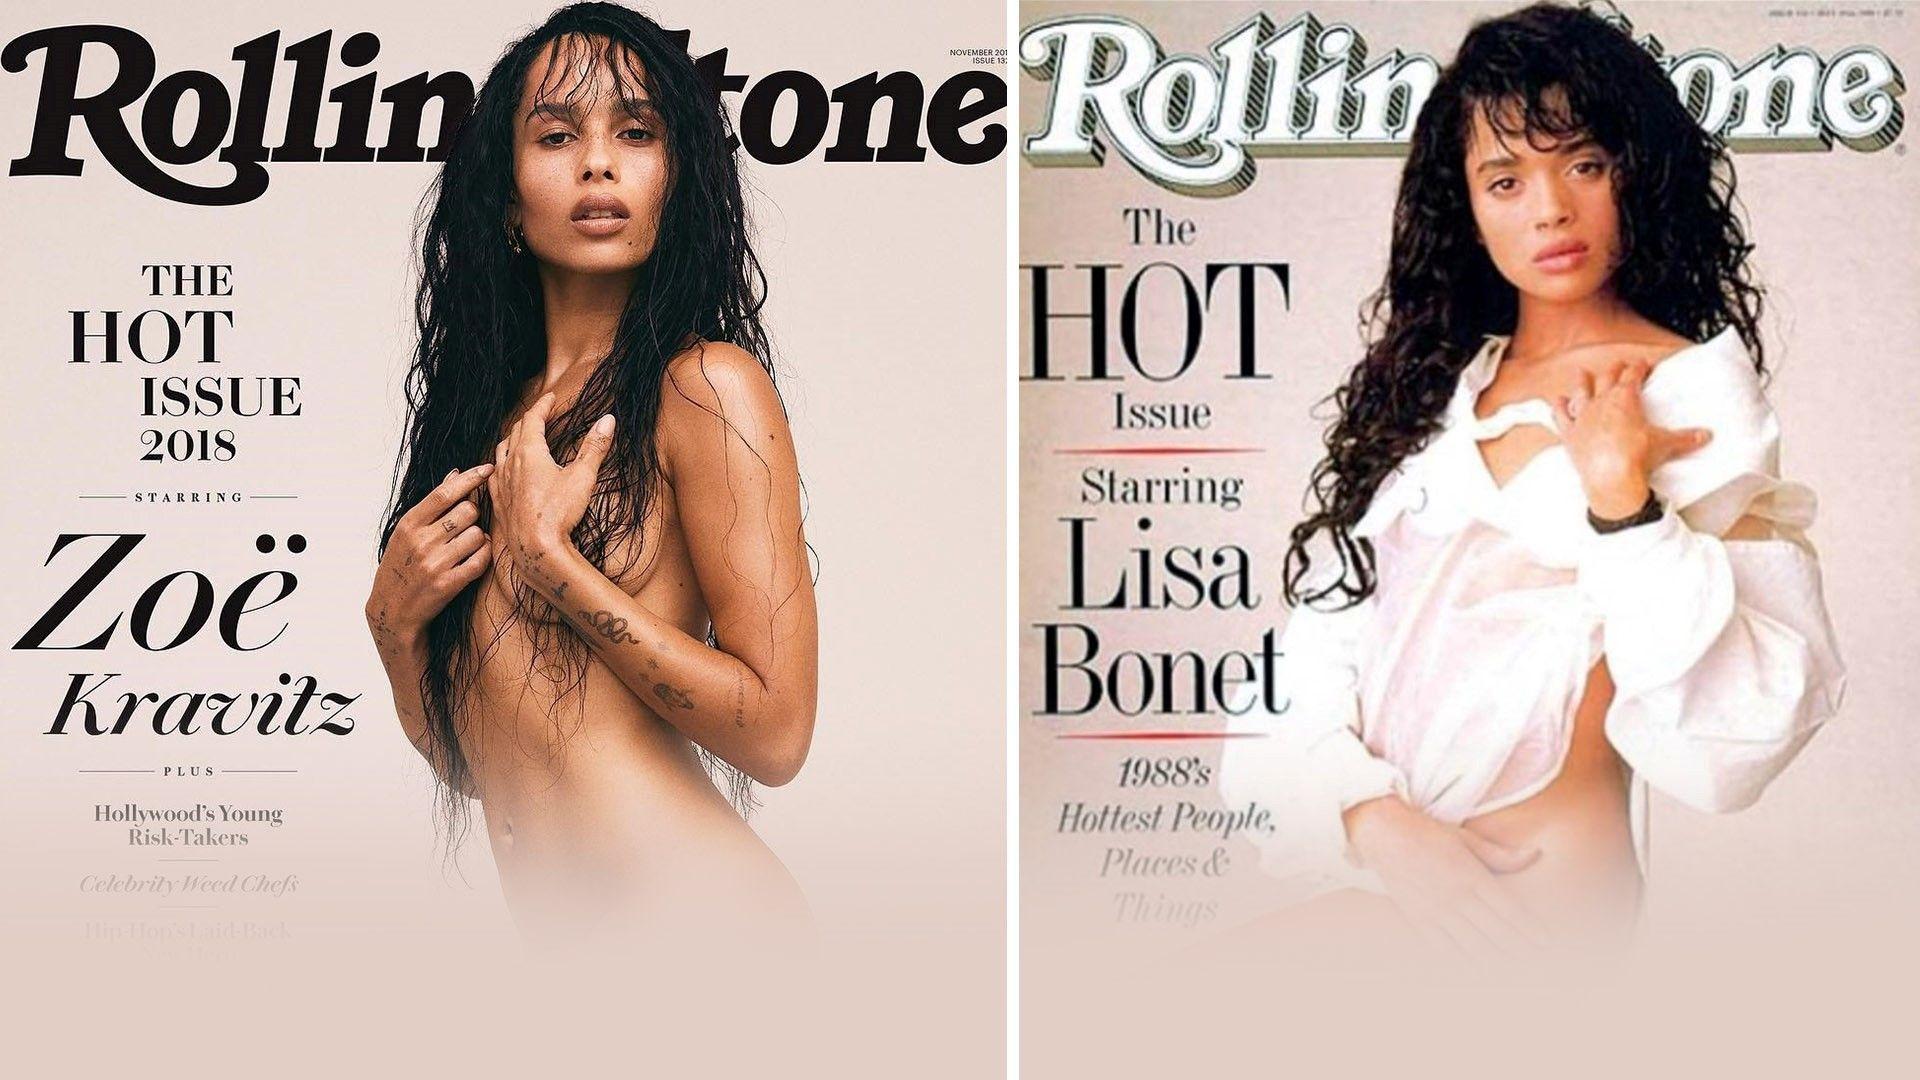 Зоуи Кравиц гола на корицата на Rolling Stone 30 години след майка си